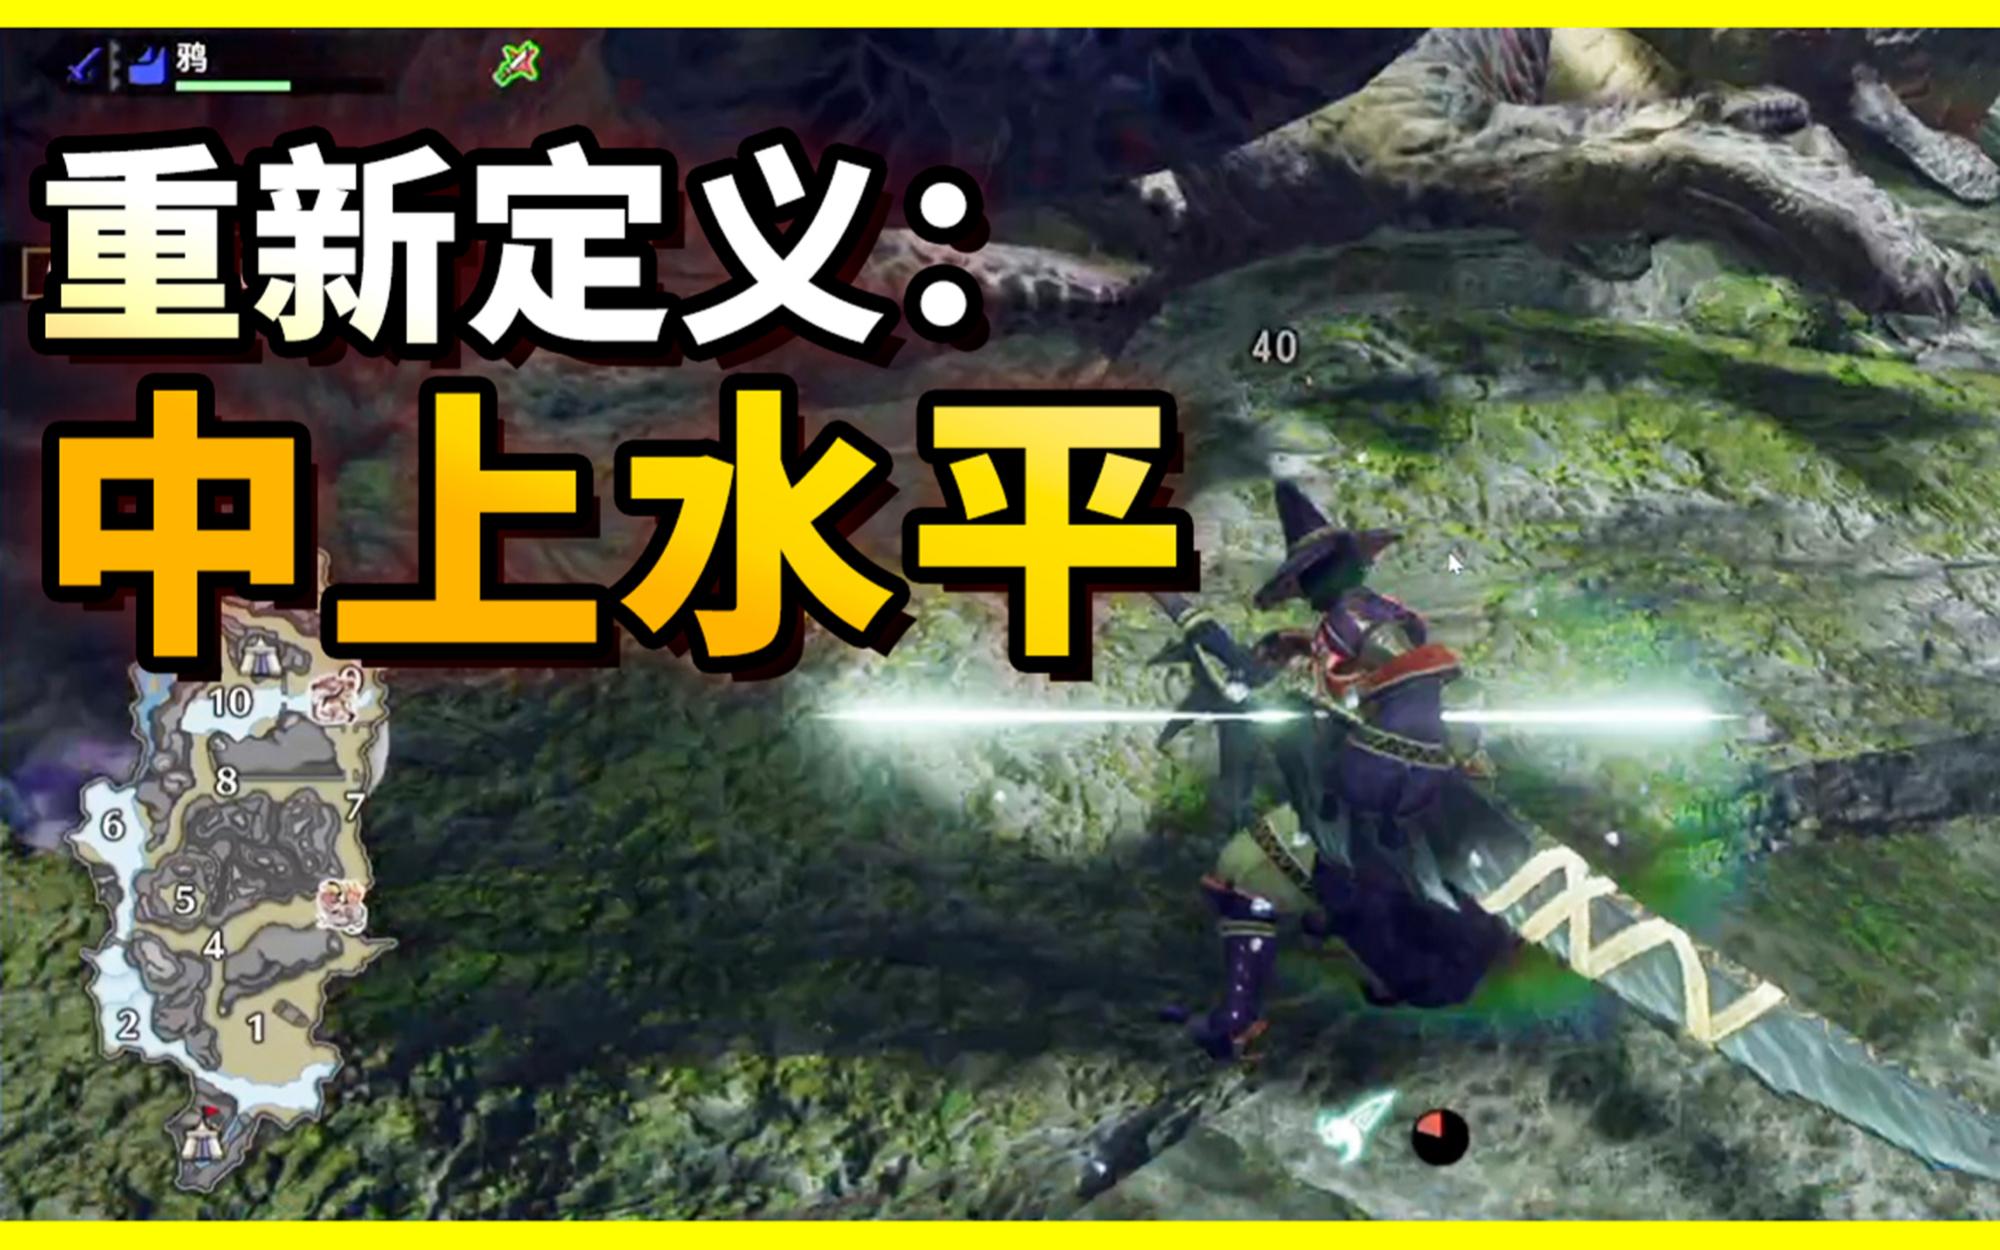 【shi咪×鸦karas】重新定义玩游戏的中上水平